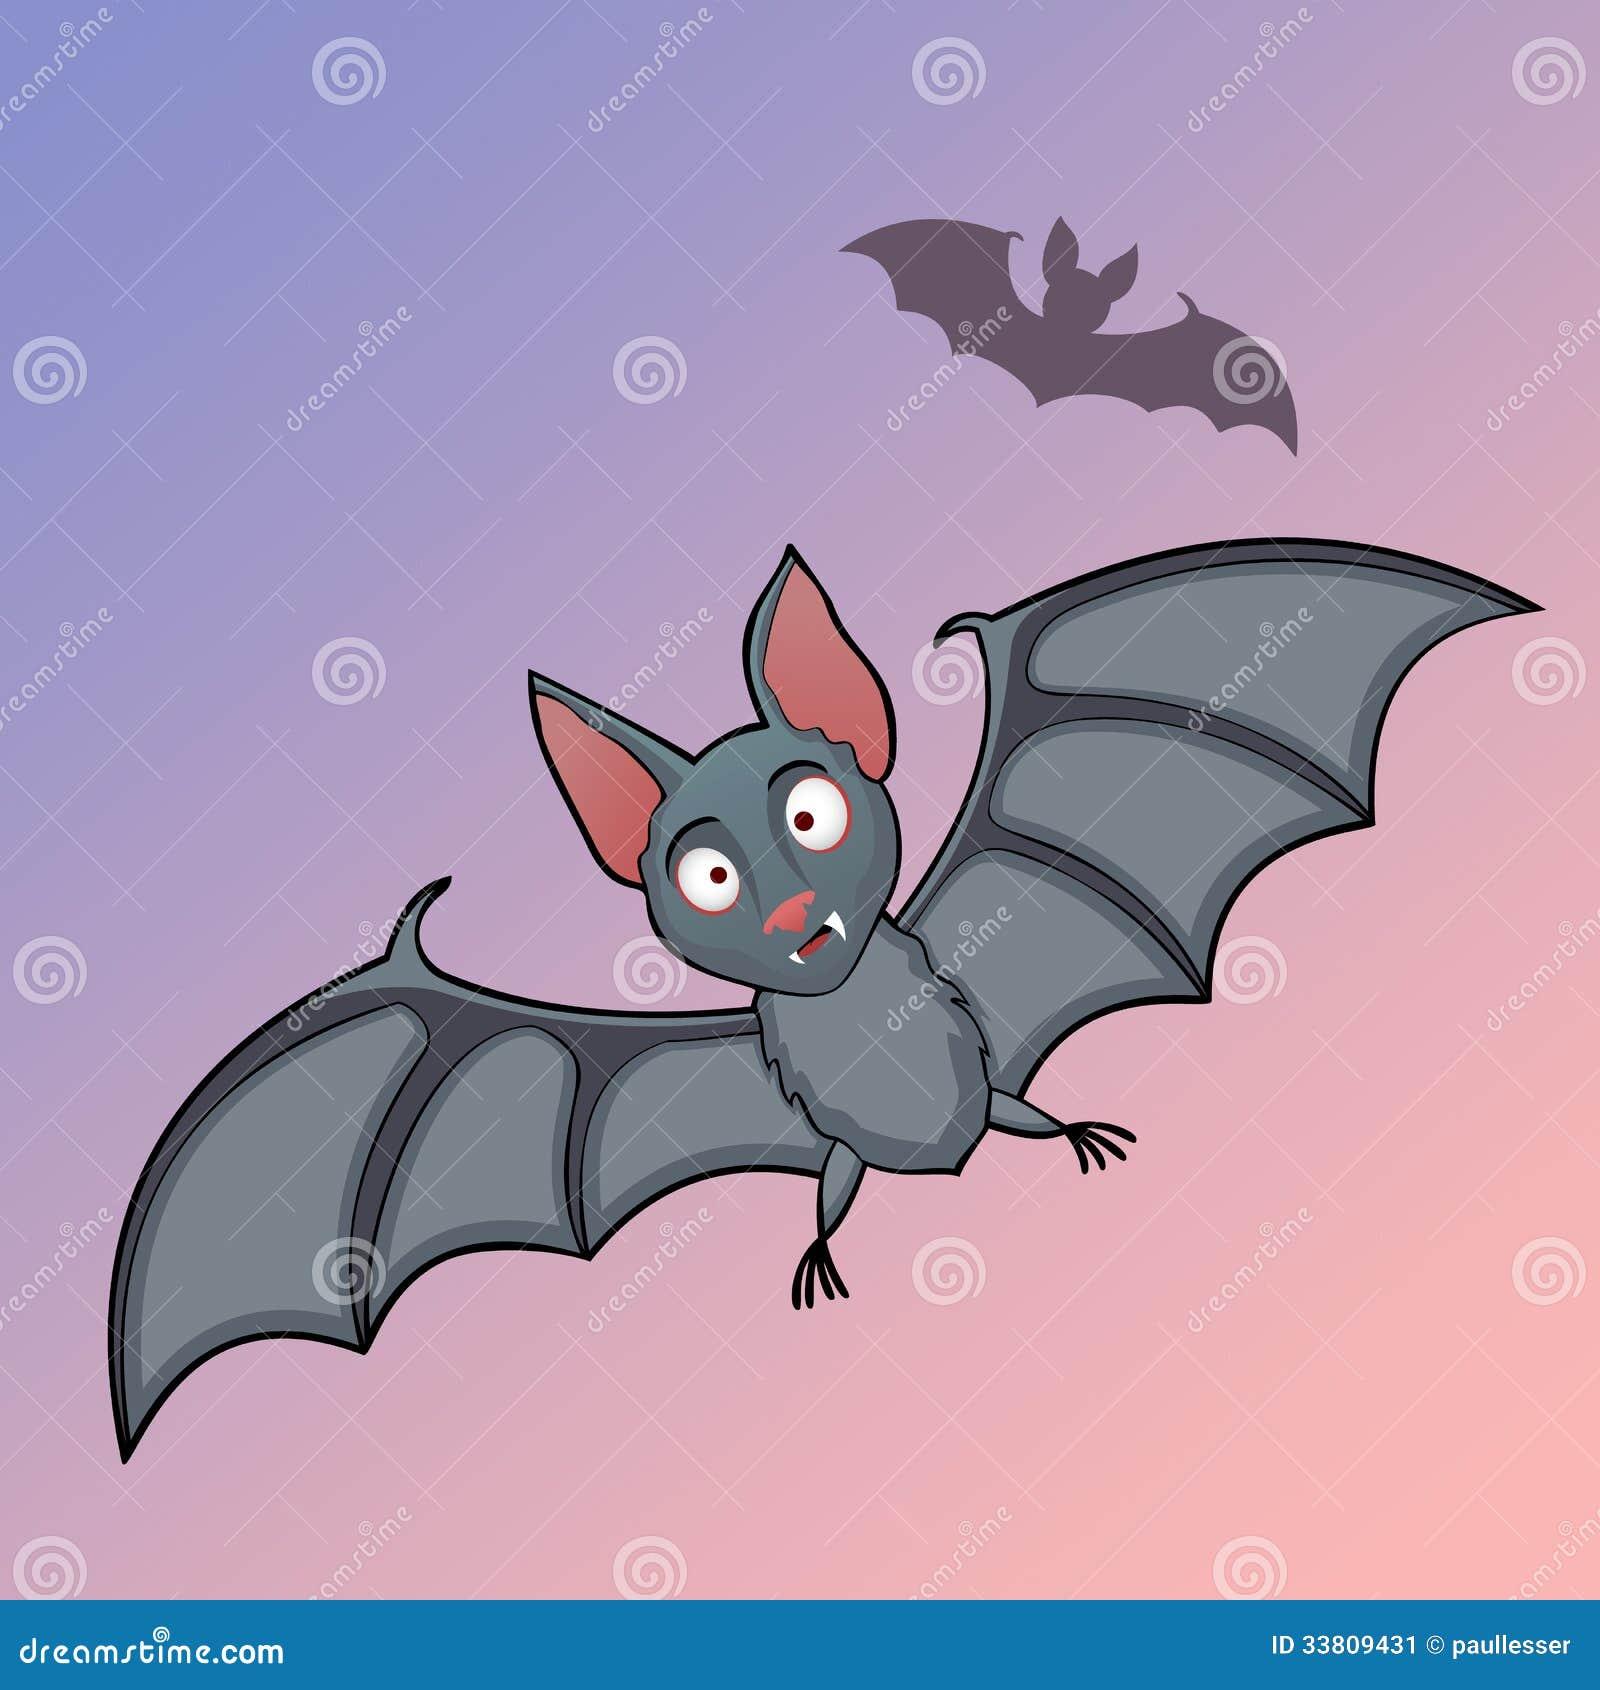 Cartoon Bats: Bats Cartoon In Fly Stock Vector. Illustration Of Animal